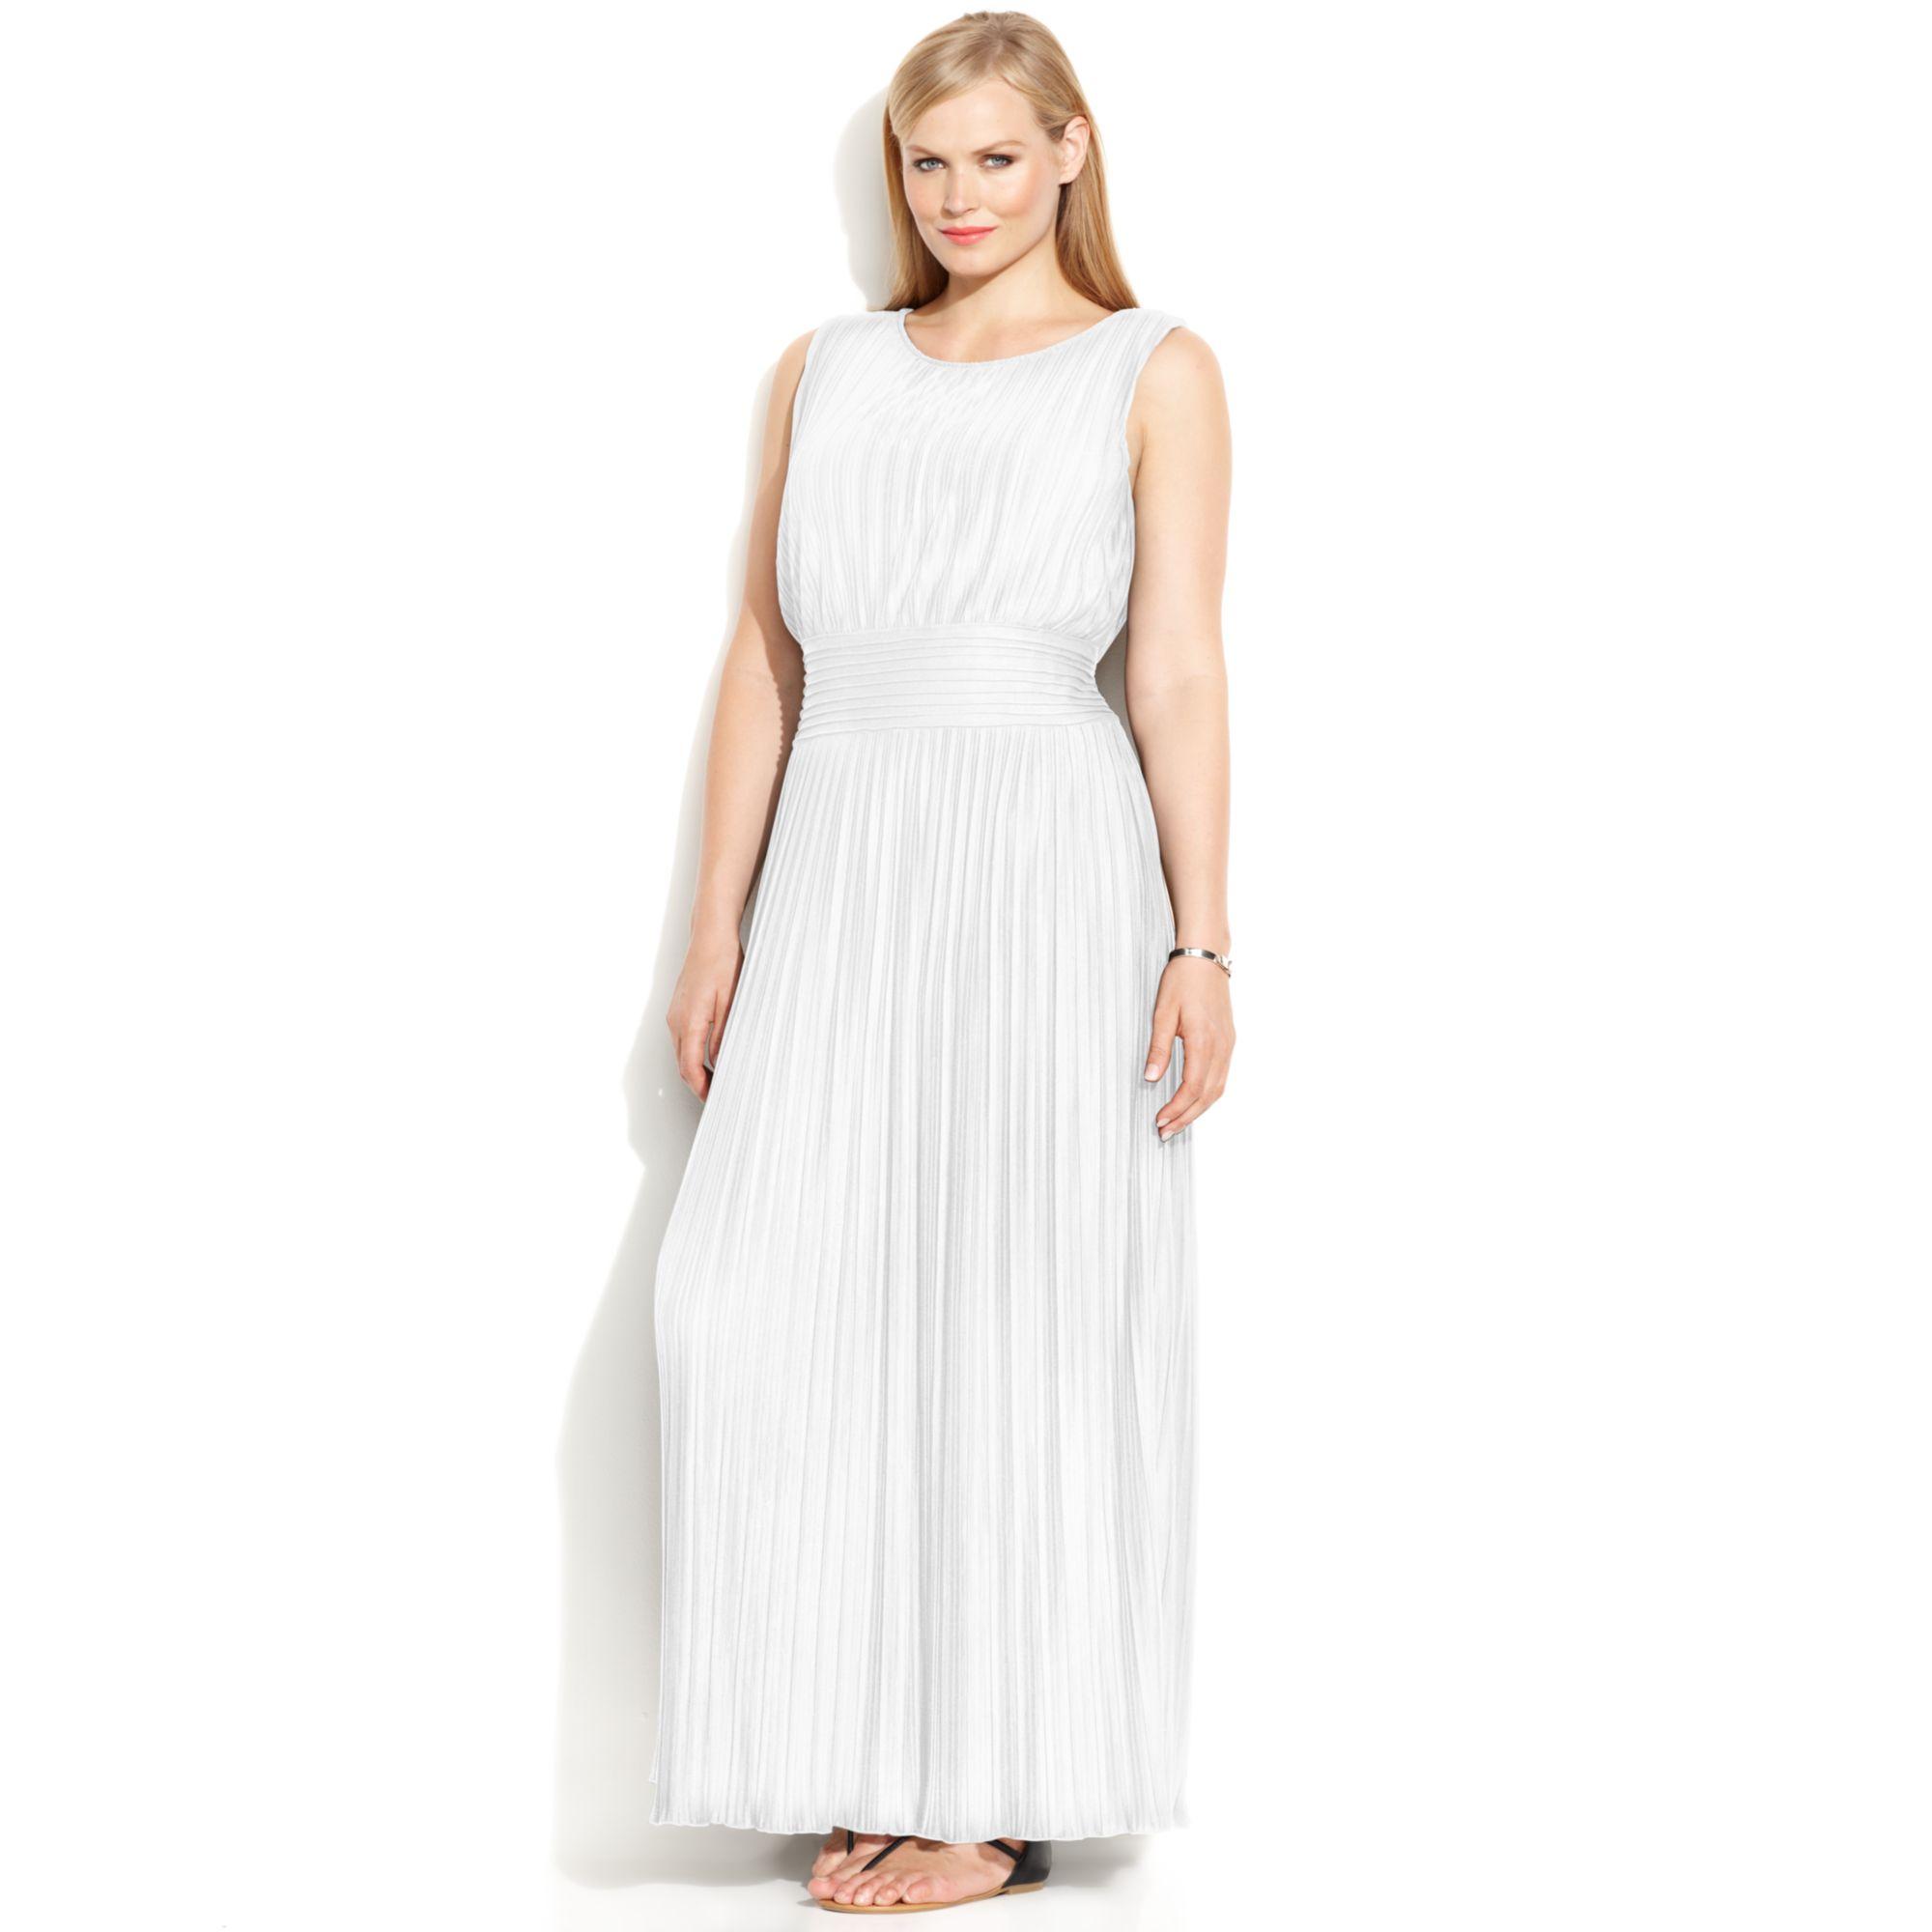 26e372780 Calvin Klein Plus Size Sleeveless Pleated Maxi Dress in White - Lyst